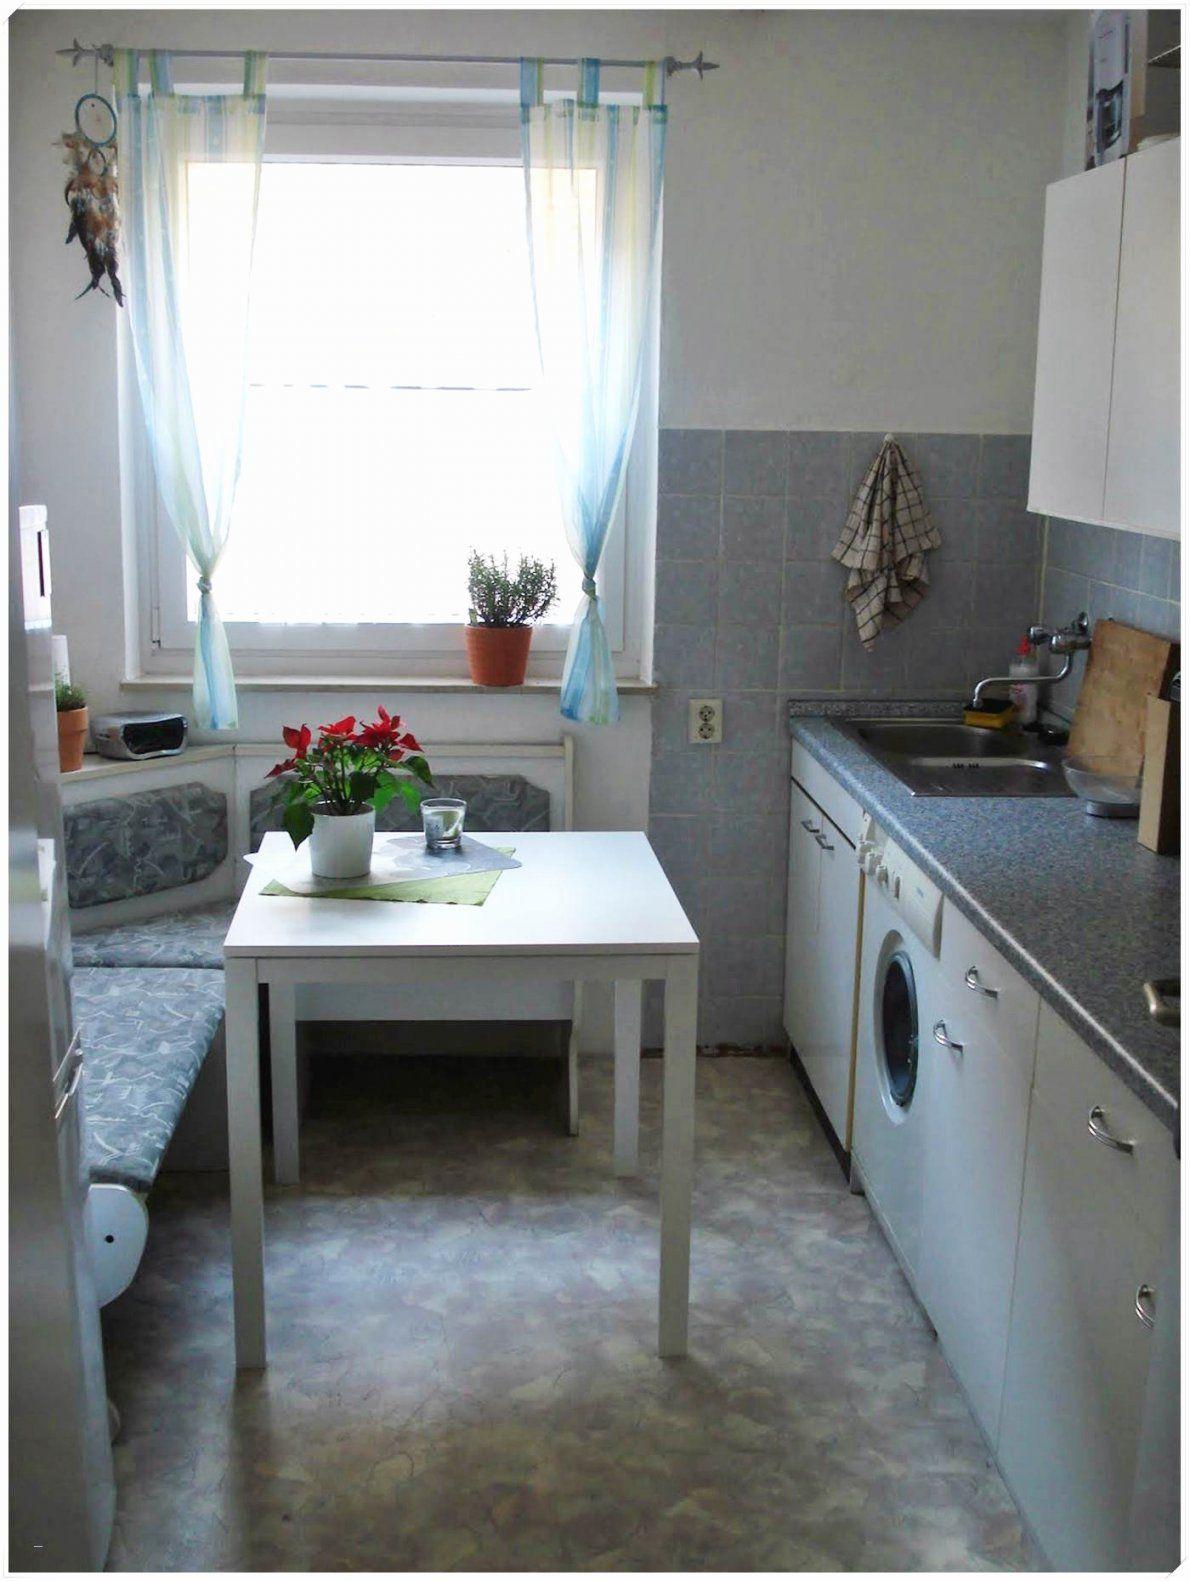 Atemberaubende Ideen Für Dein Zuhause Luxus Idee Für Badezimmer von Atemberaubende Ideen Für Dein Zuhause Bild